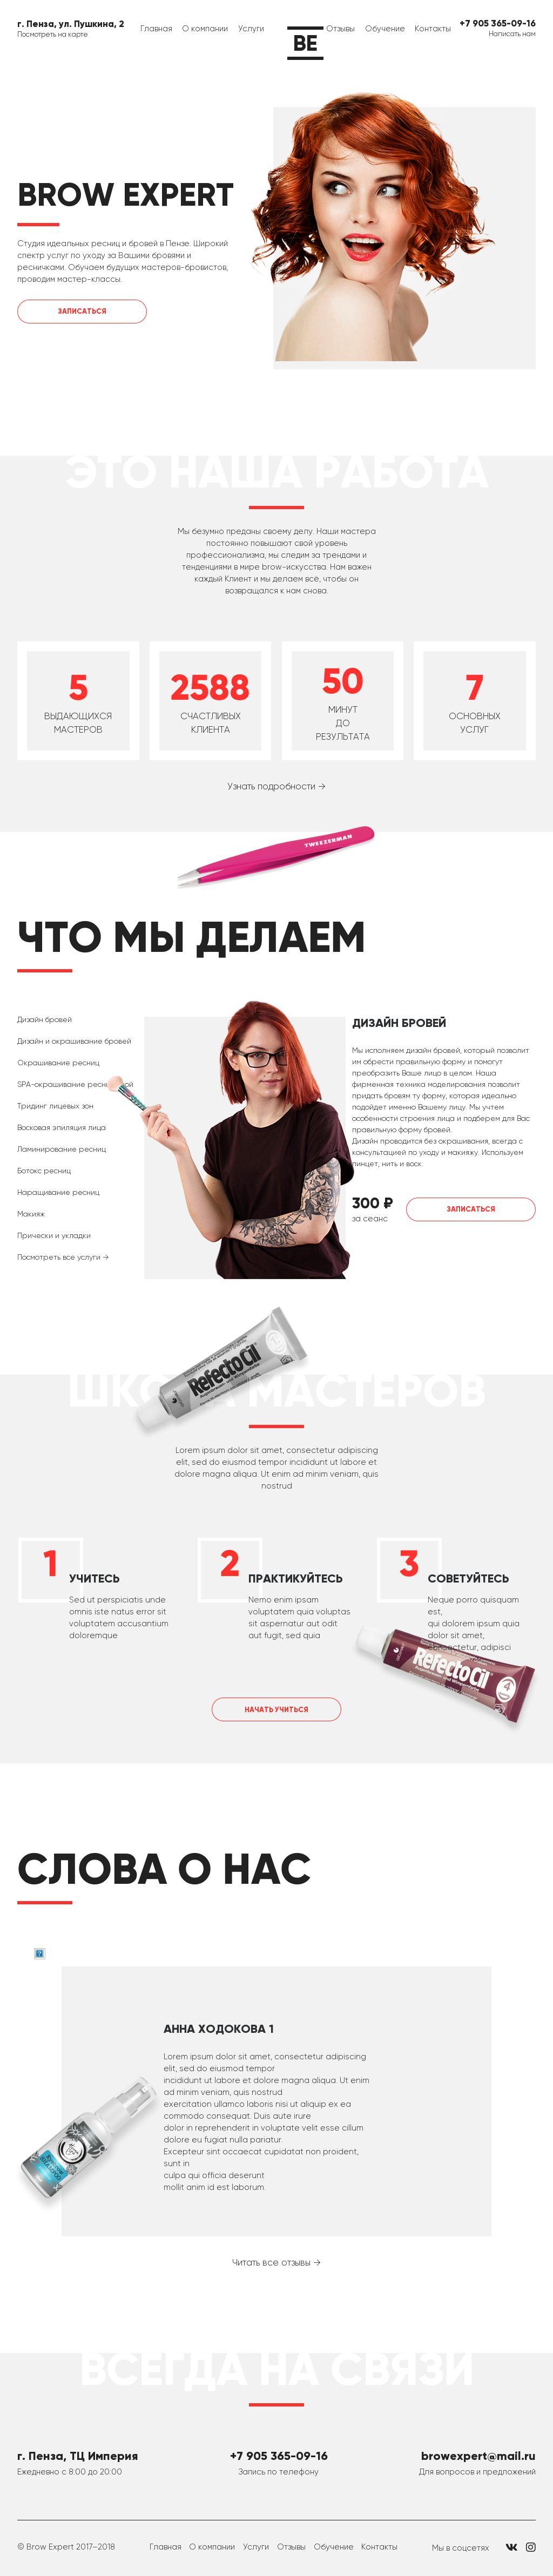 Студия идеальных ресниц и бровей в Пензе. - http://chernovabrows.ru– реализован на cms Wordpress